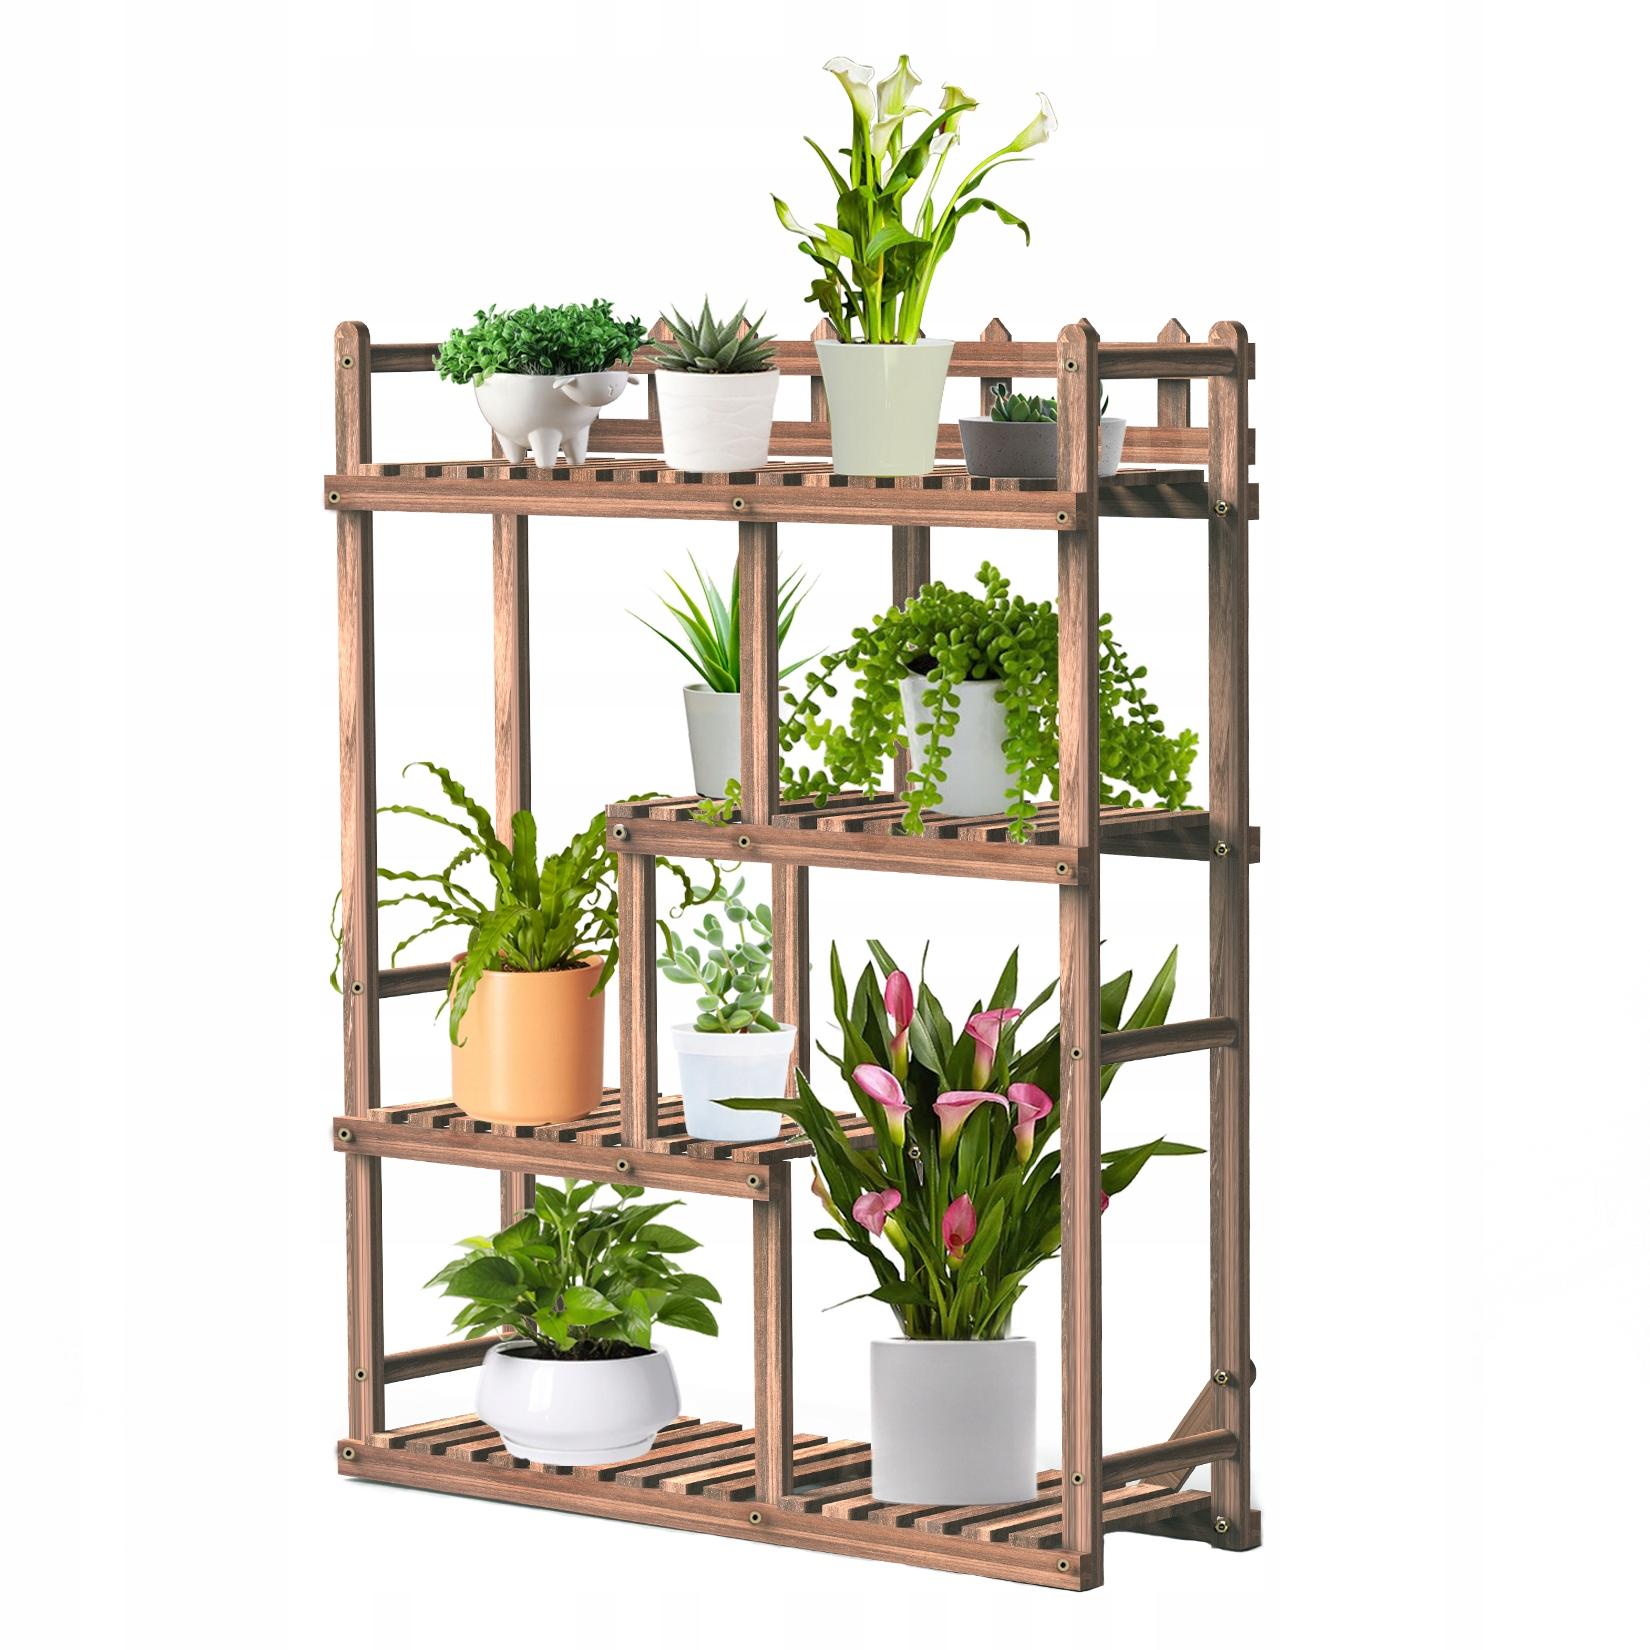 Большая подставка для цветов на деревянной подставке для цветов